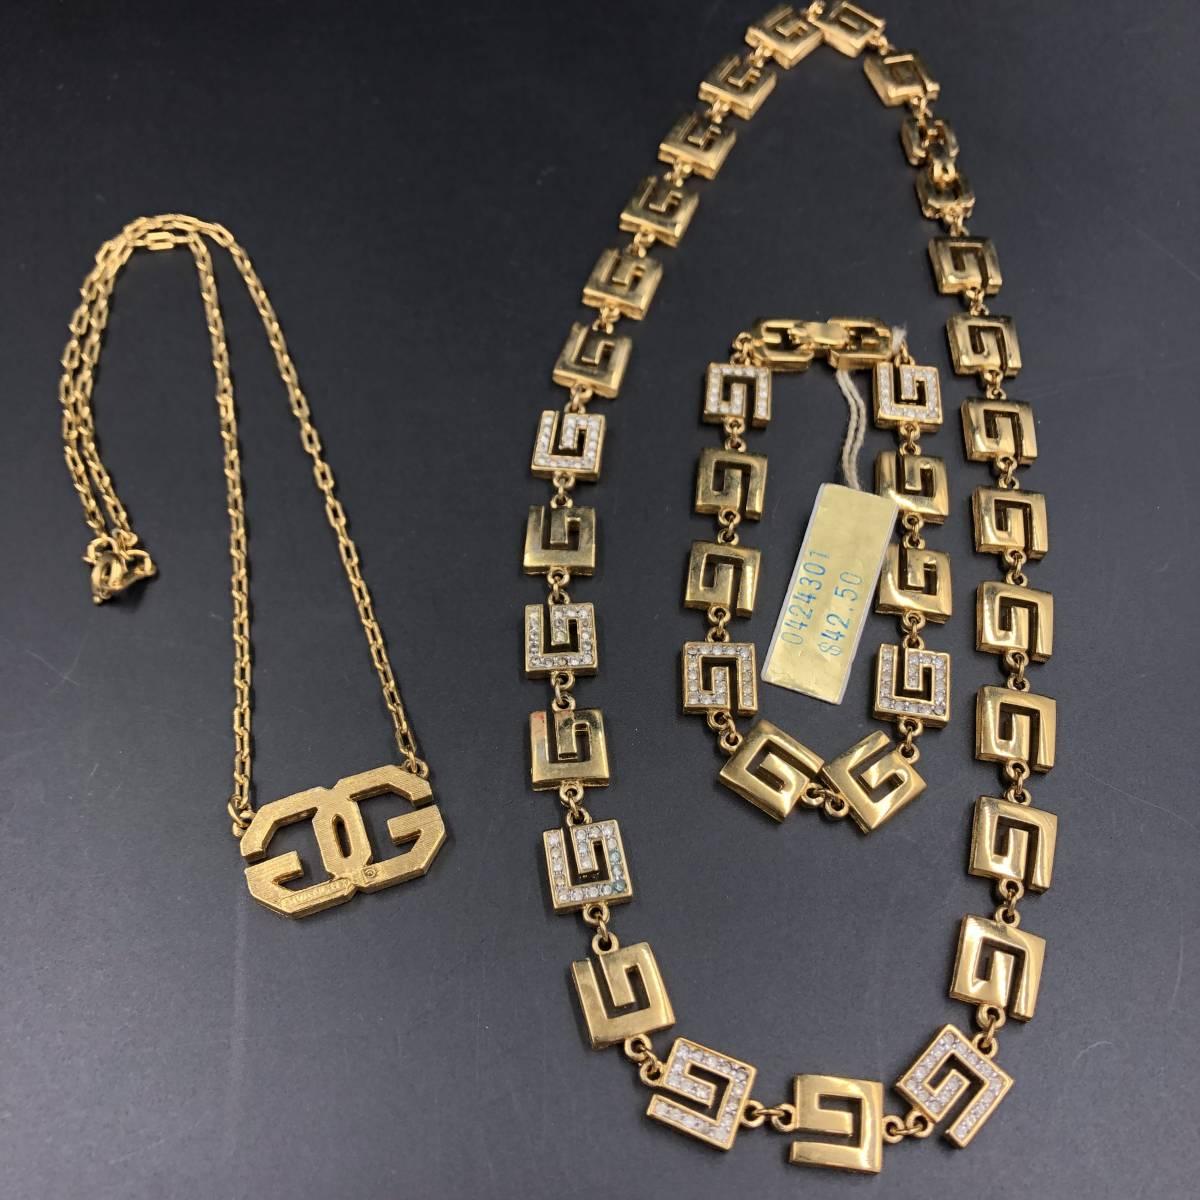 71c2b4510a7a T491 GIVENCHY(ジバンシイ) ネックレス&ブレスレット 3点セット ゴールド アクセサリーの1番目